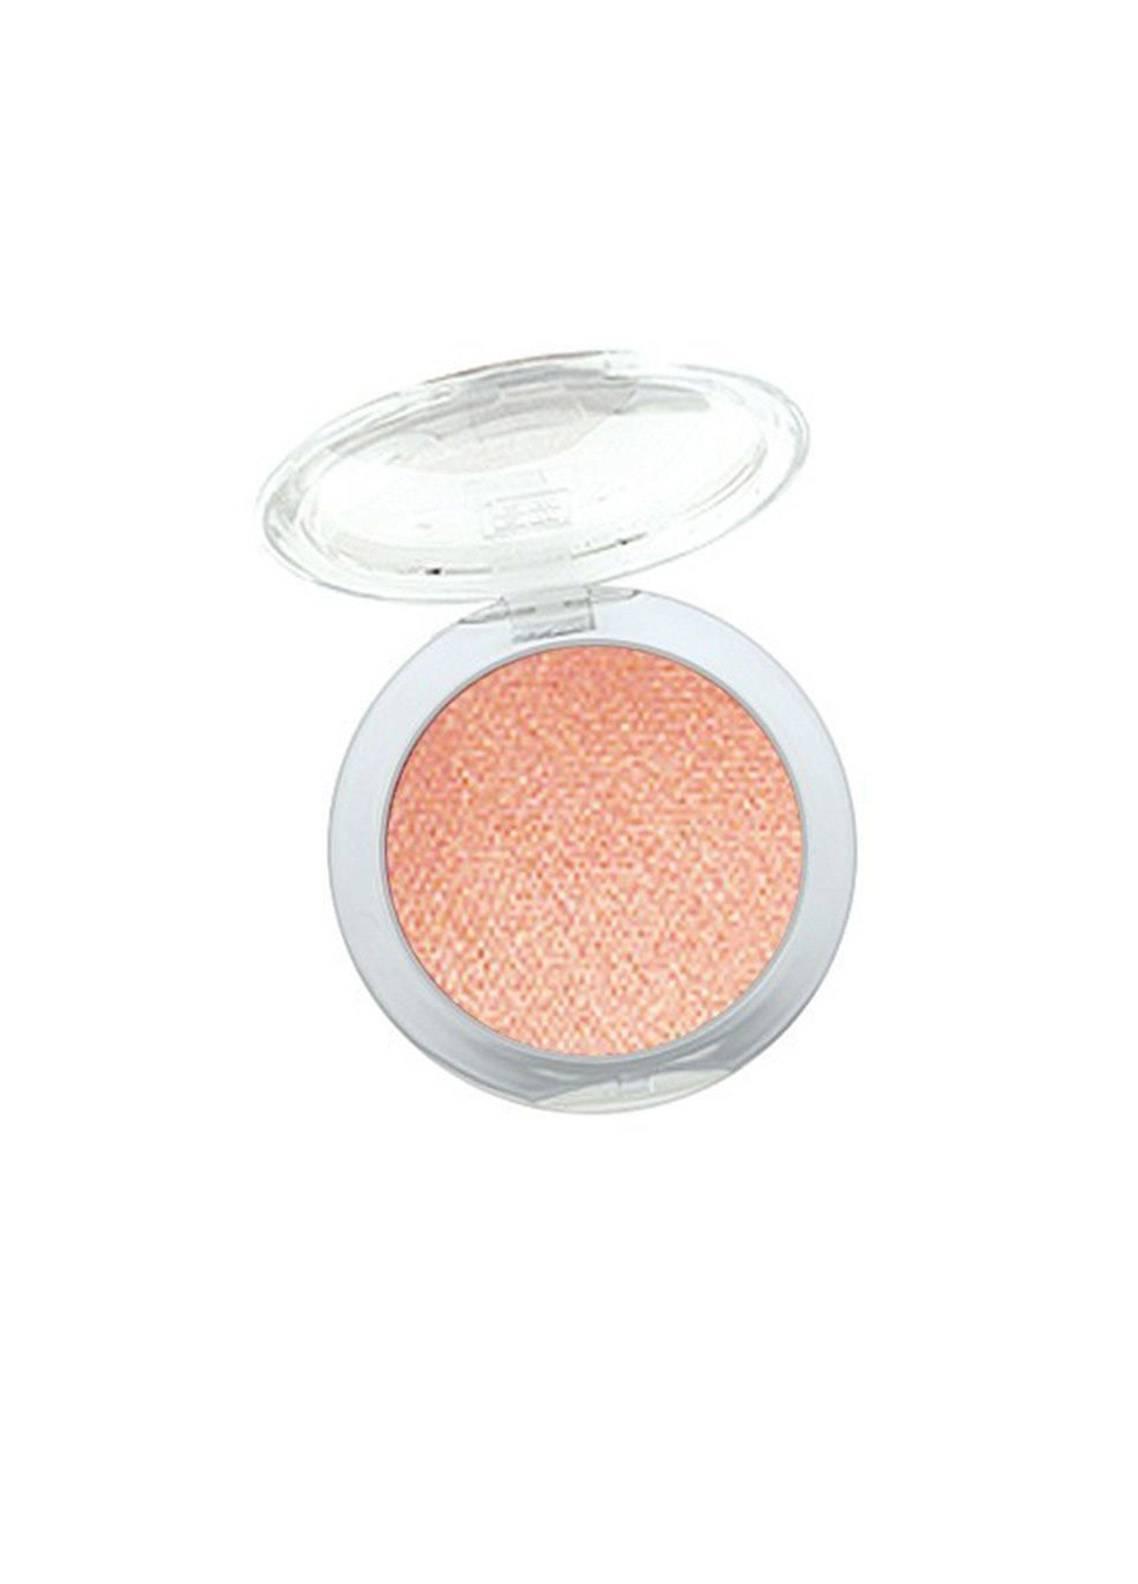 DMGM Luminious Touch Cheek Blusher - Bronze Pink - 02